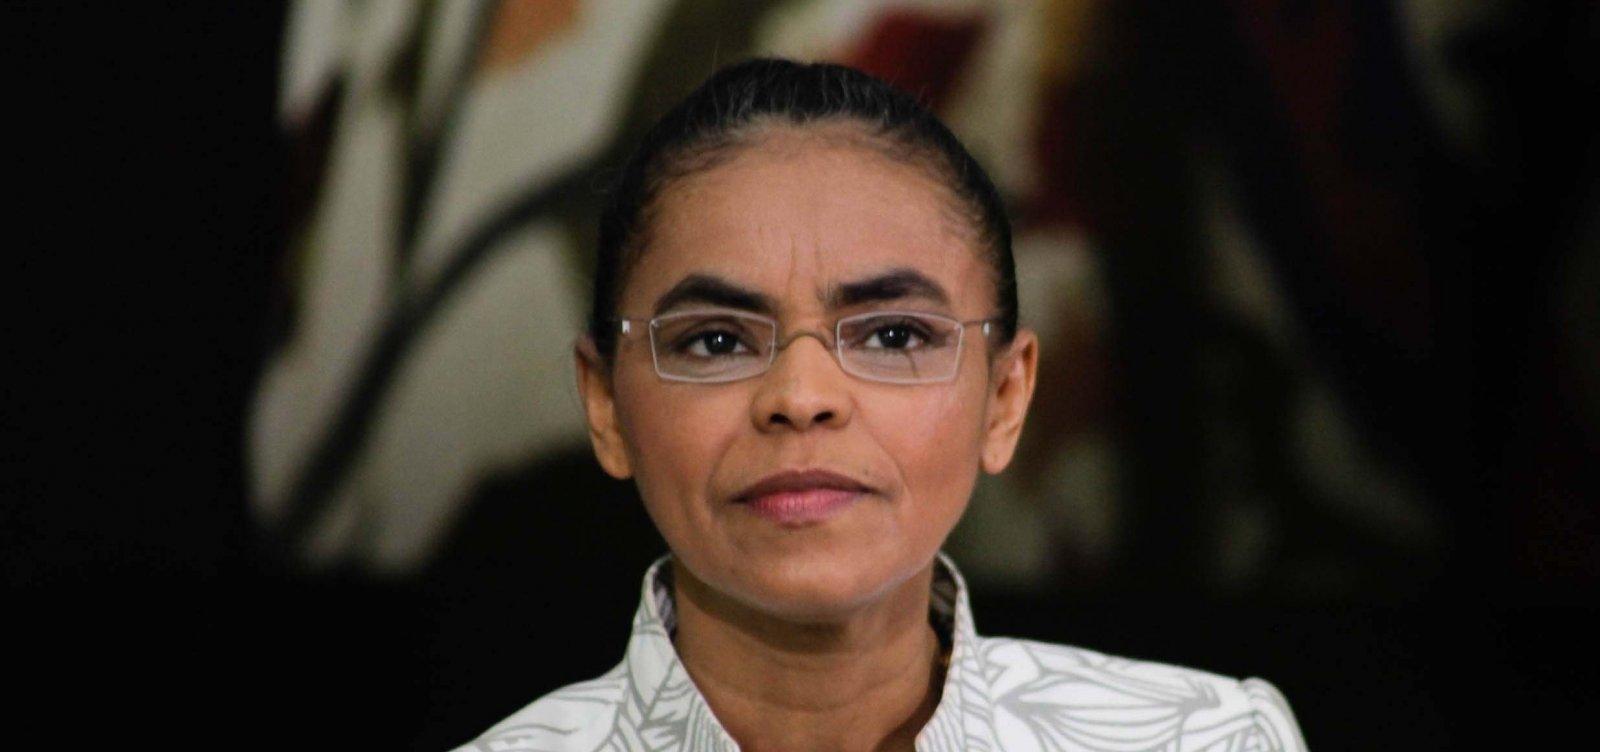 Marina defende 'quebrar' patentes de medicamentos de alto custo